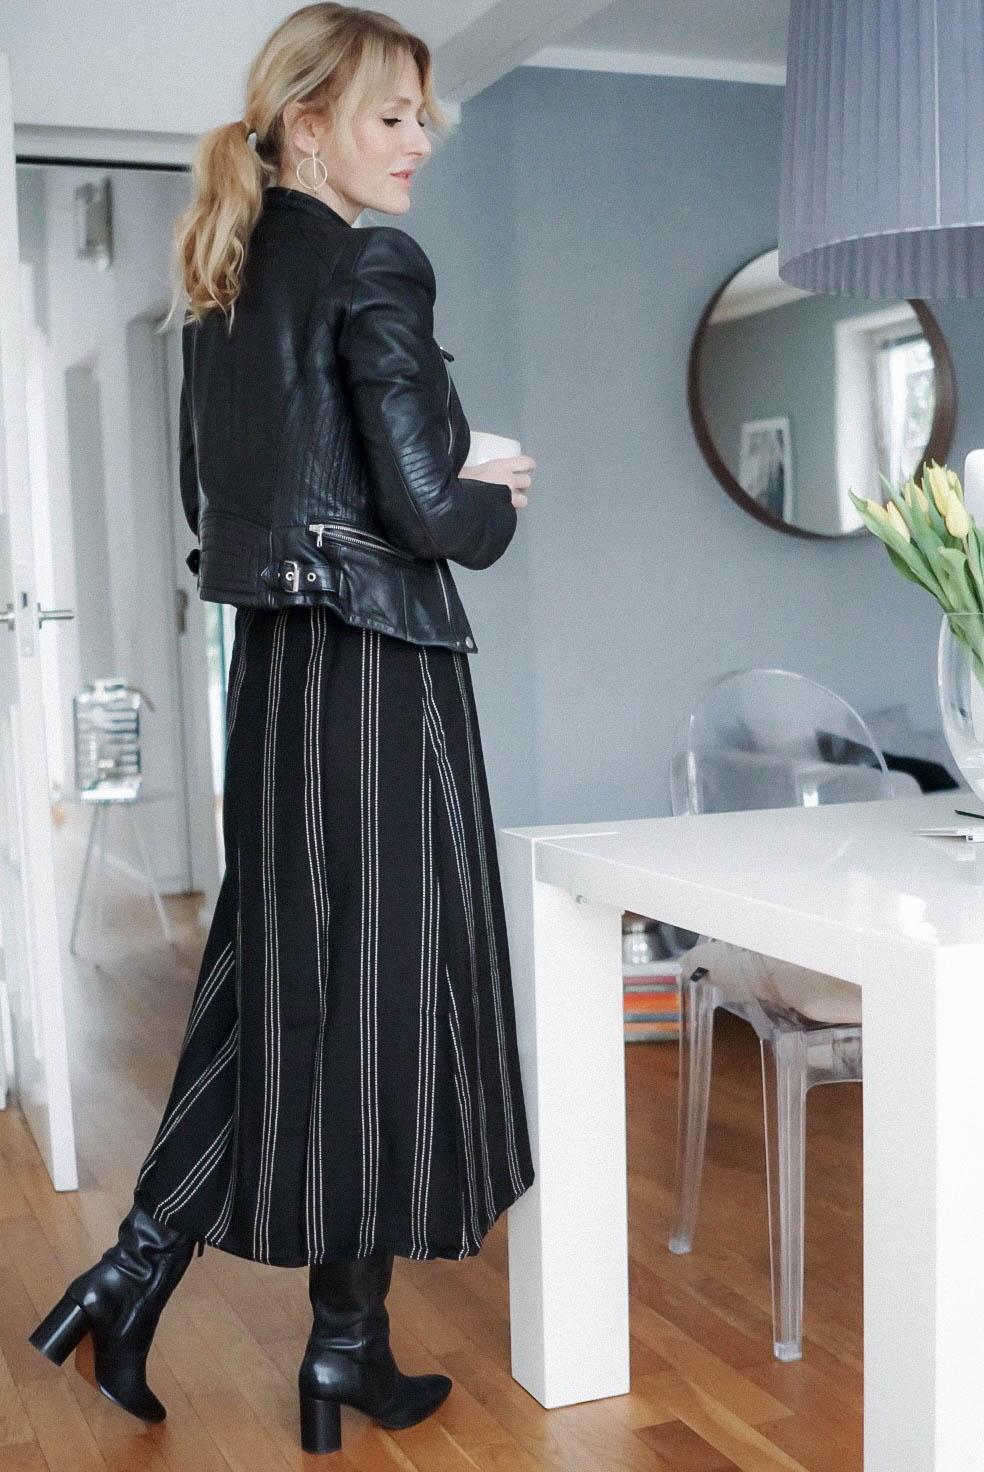 Mode kombinieren-Midikleid im Winter zu Stiefeln-Kleid von H&M-Nowshine Fashion über 40